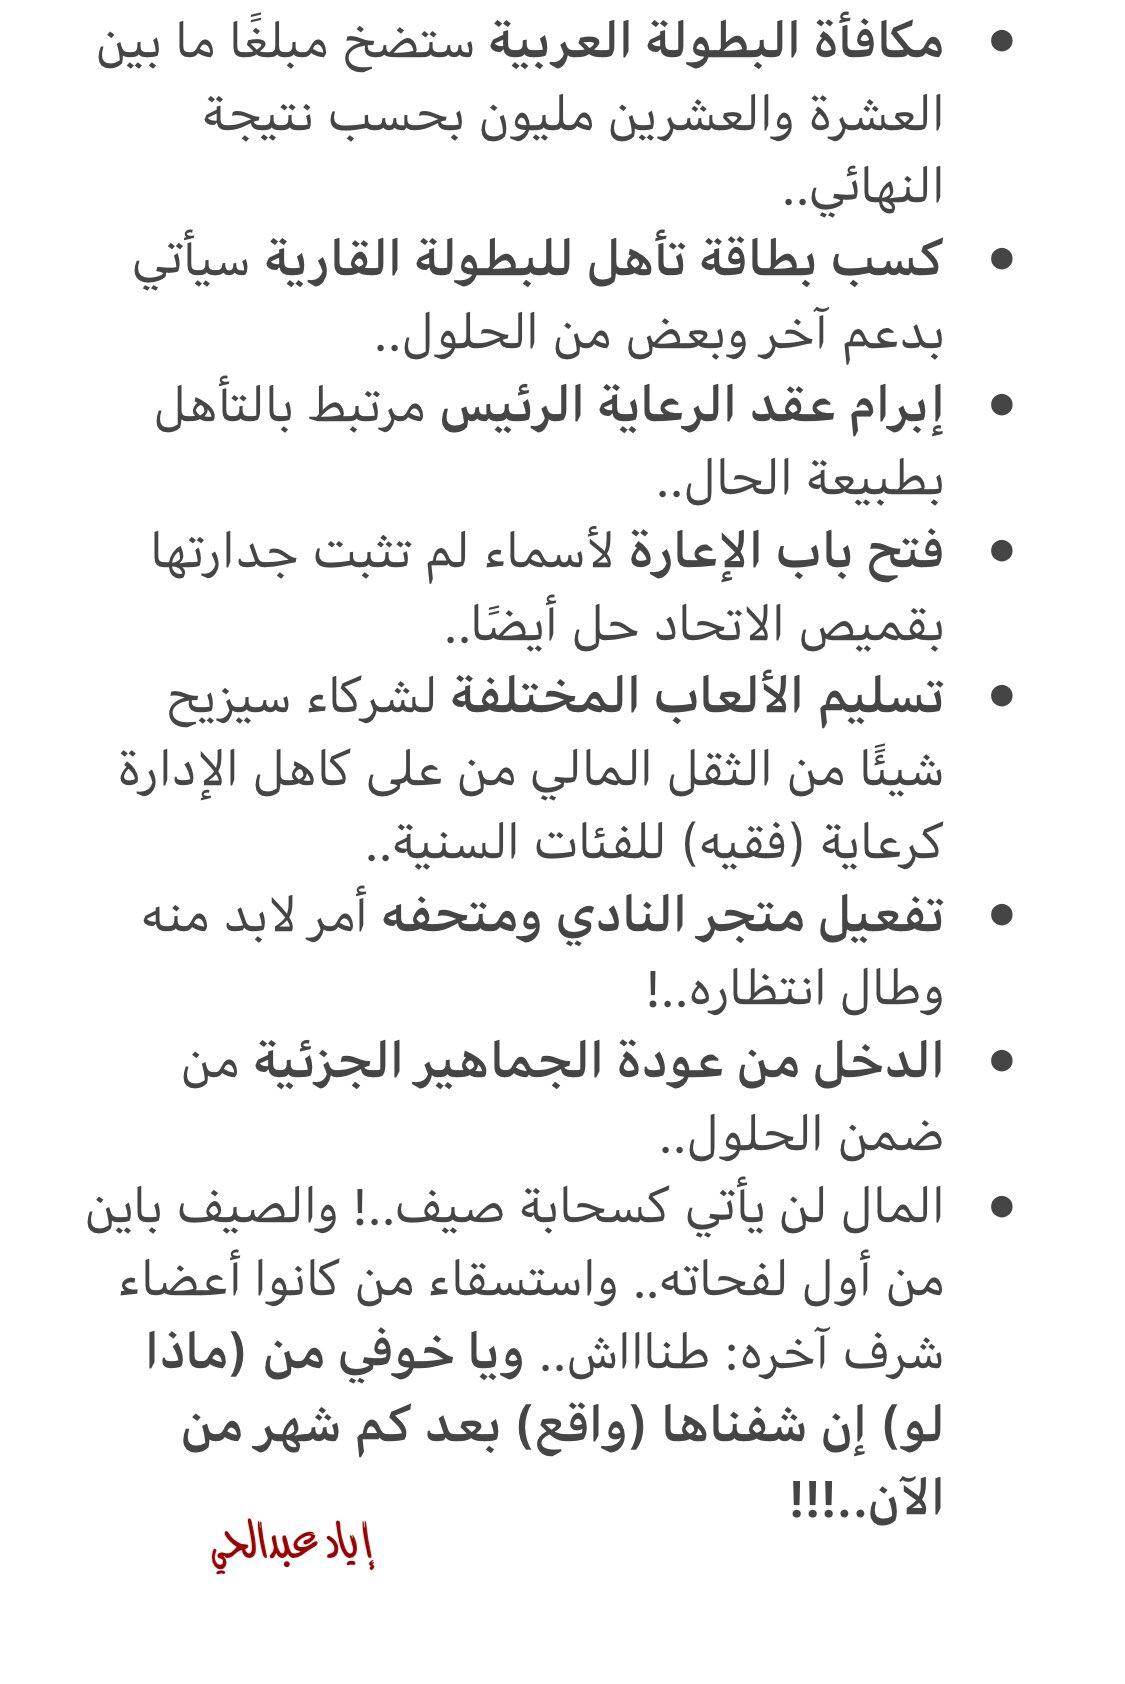 إياد عبدالحي : #كاريلي .. كاريلي .. كاريلي ... يا خوفي من #ماذا_لو يا #الاتحاد !!!